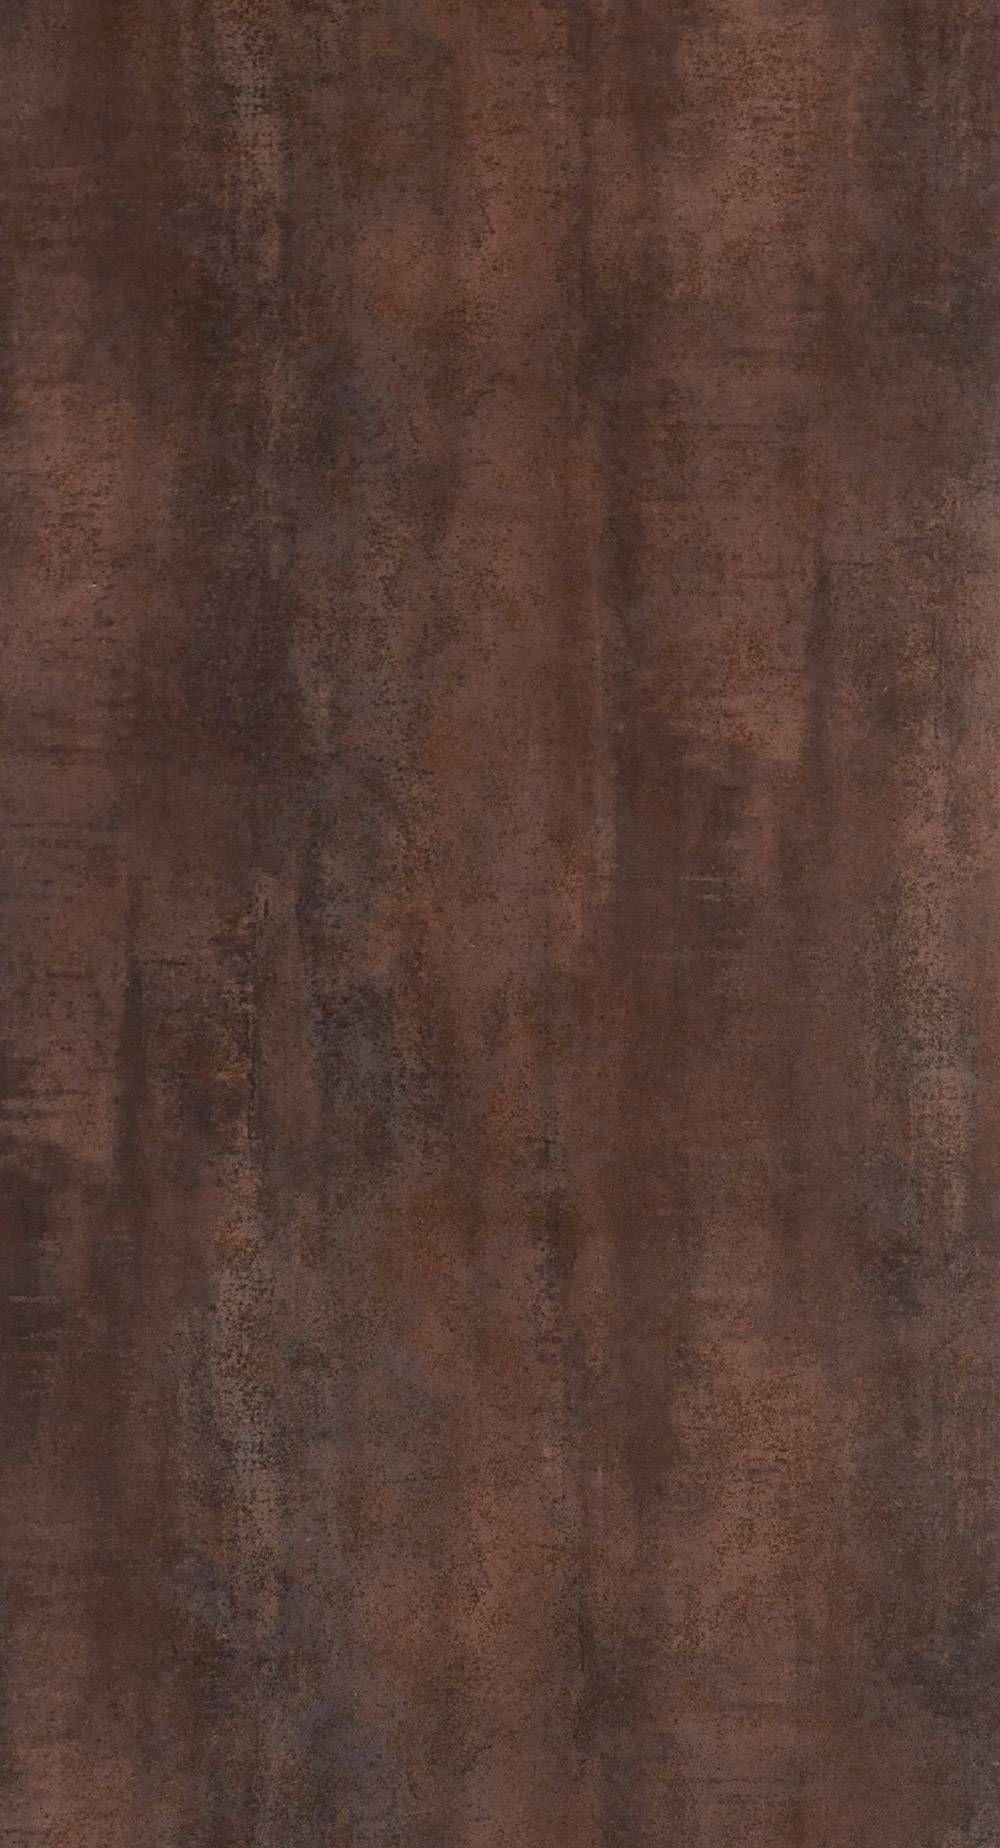 Iron Copper Ollin Metal Texture Material Textures Steel Textures